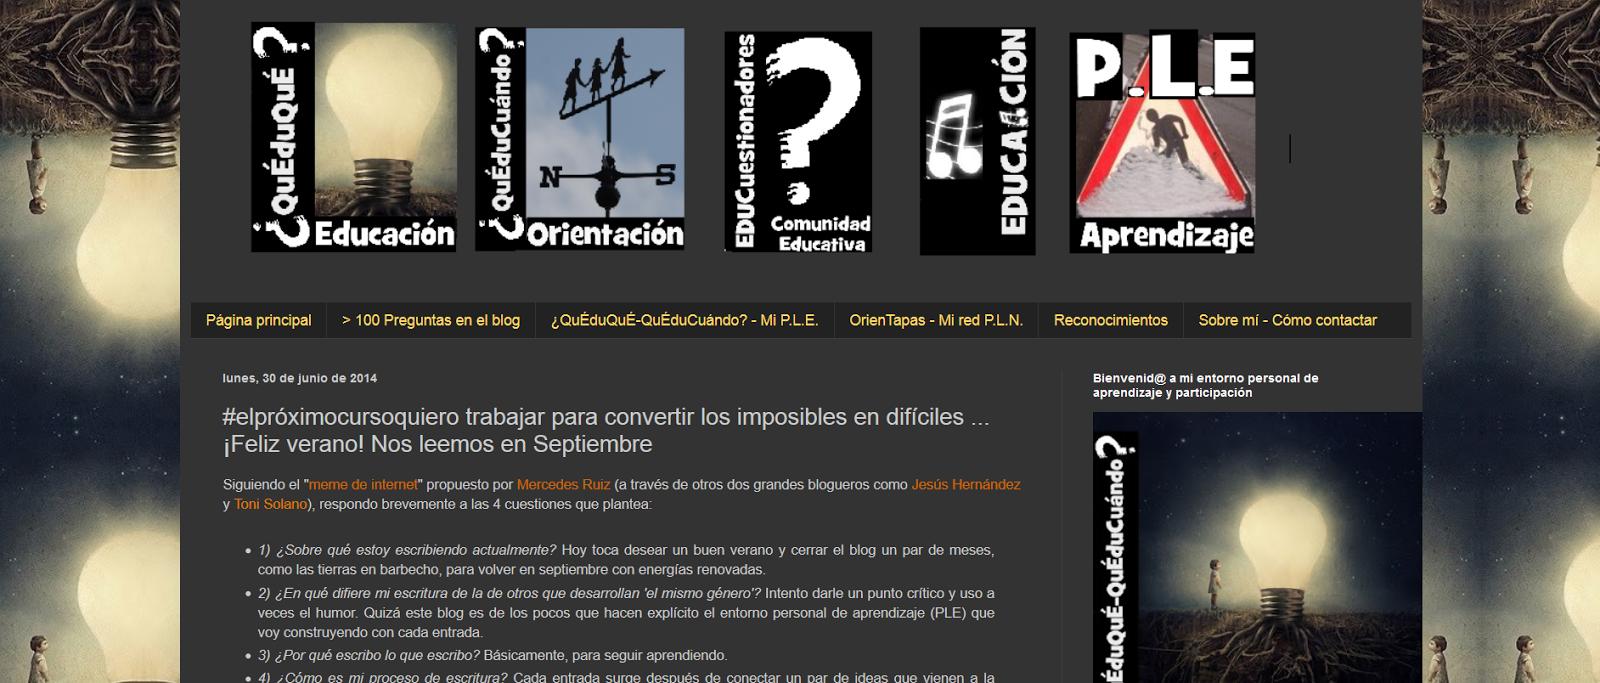 http://queduquequeducuando.blogspot.com.es/2014/06/elproximocursoquiero-trabajar-para.html